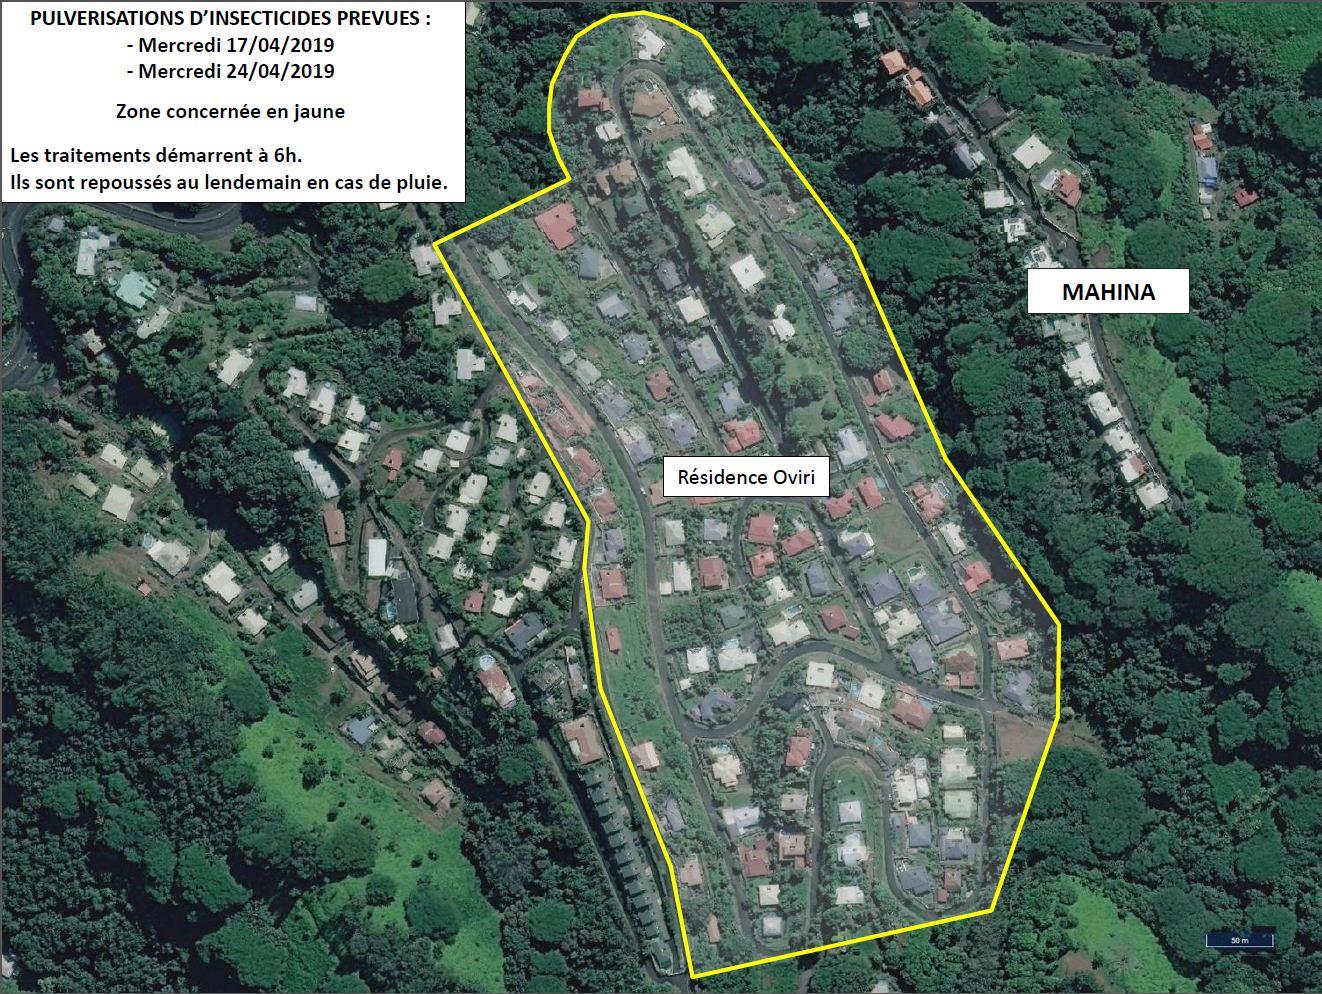 Dengue de type 2 : une pulvérisation d'insecticide est prévue ce mercredi à Oviri - Mahina